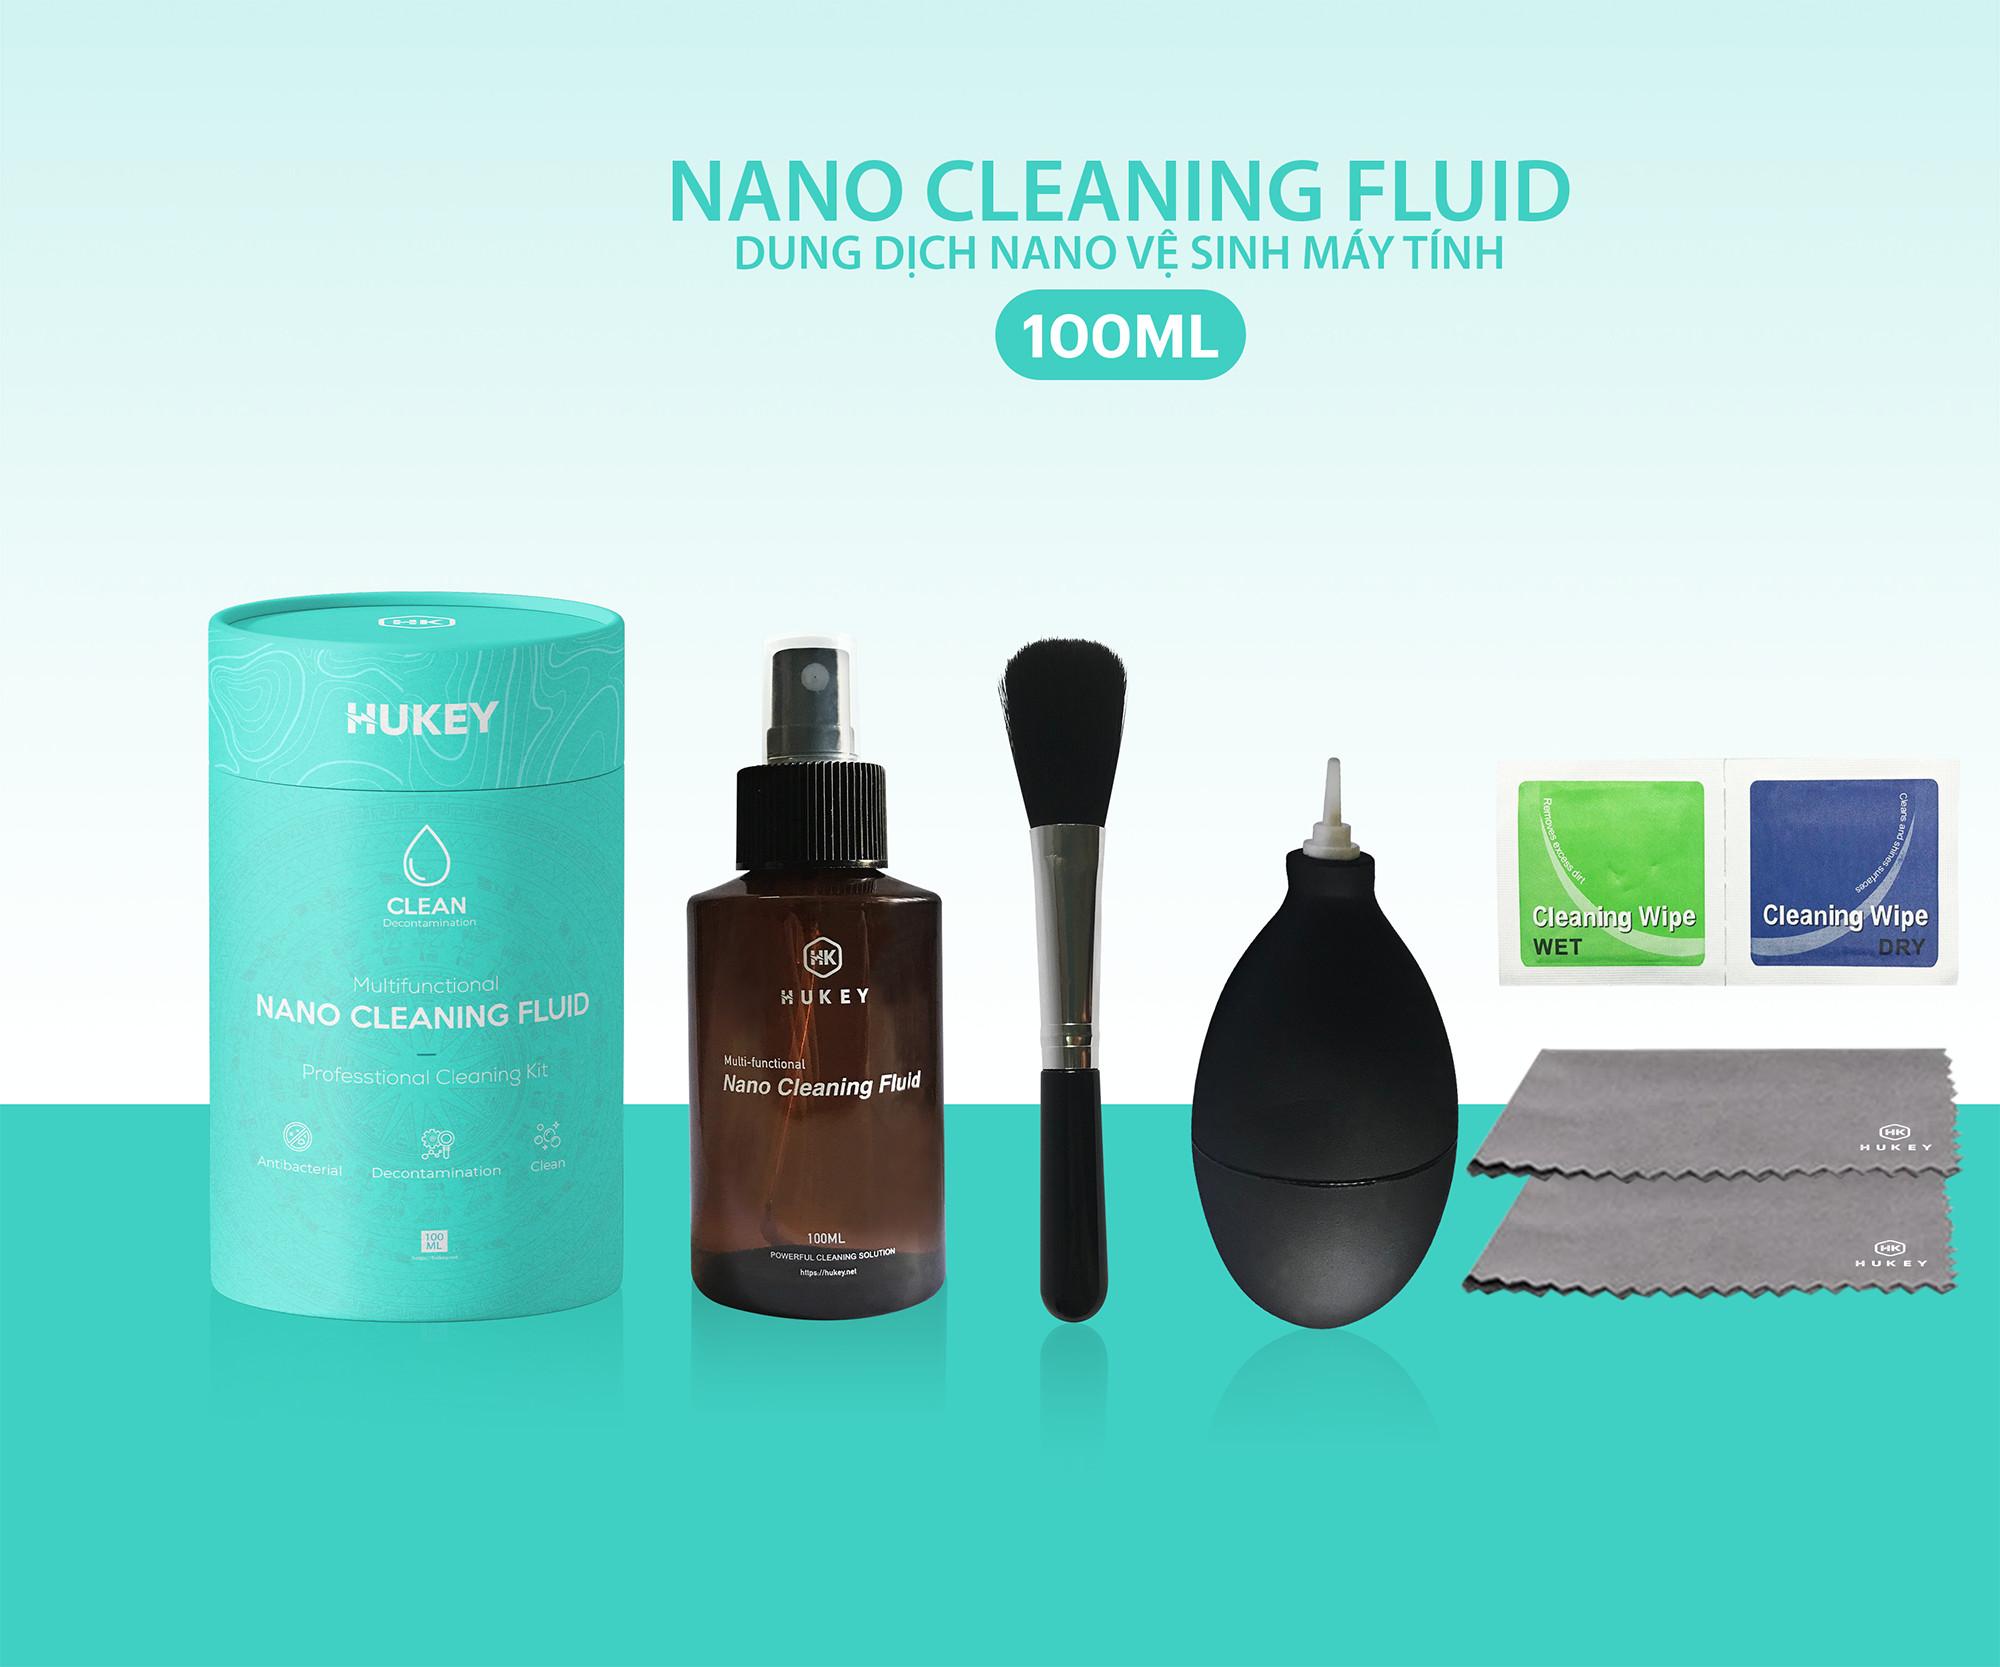 Combo dung dịch nano Hukey lau chùi vệ sinh 7 món cho màn hình, bàn phím cho máy tính, laptop, macbook  - Chính hãng